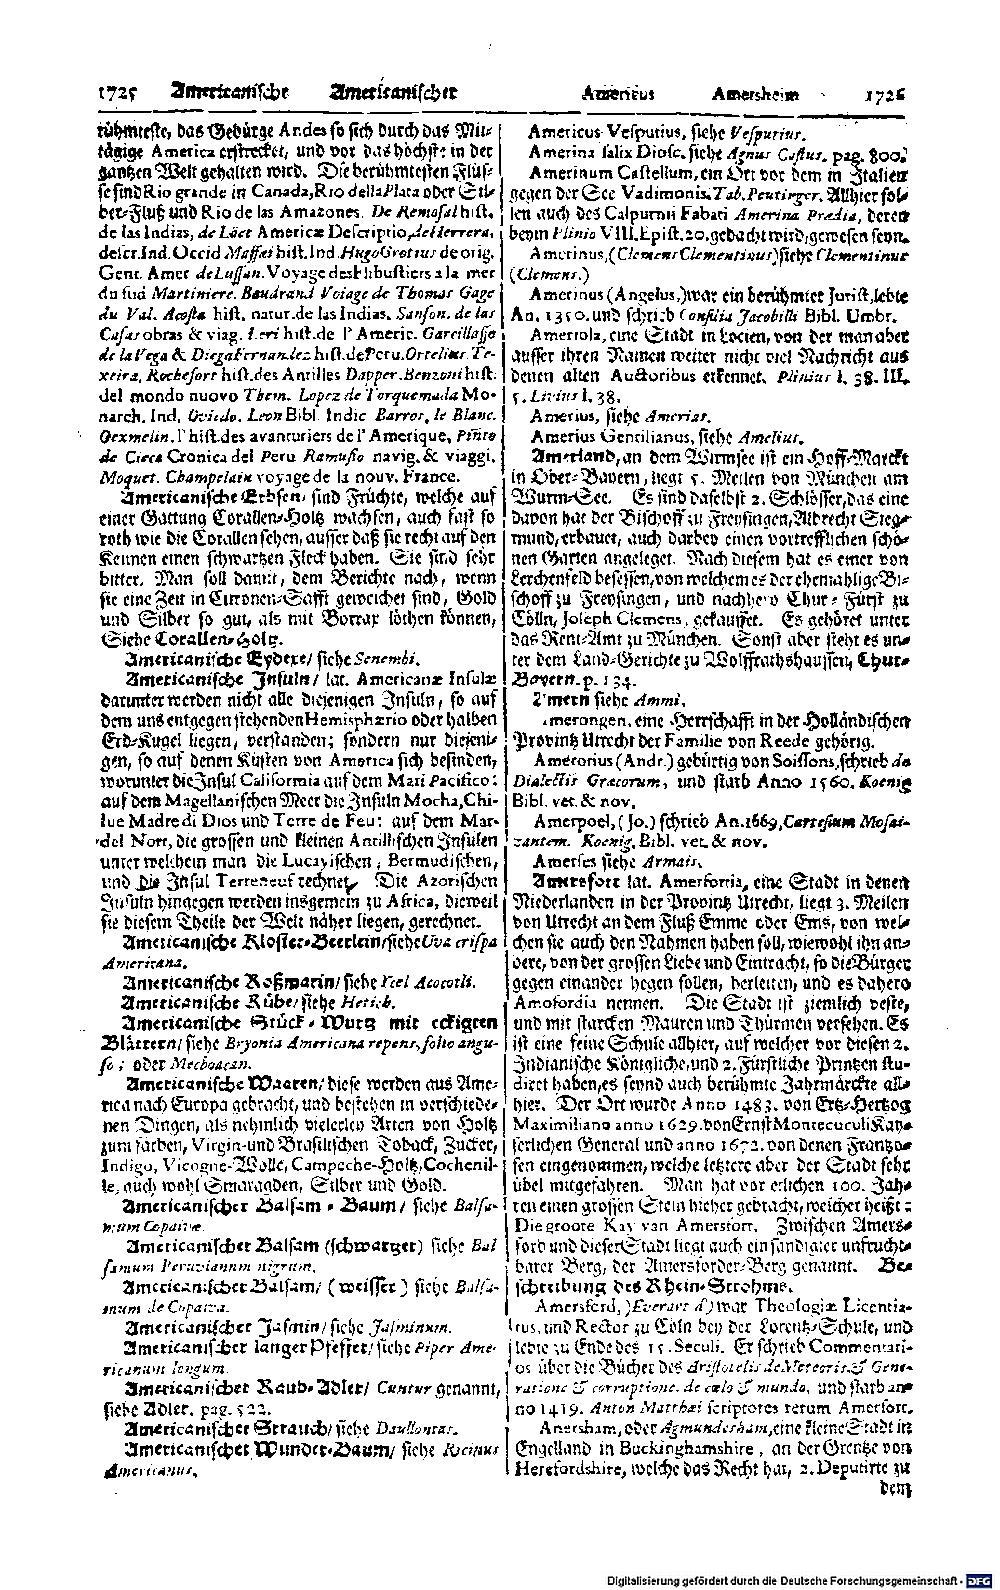 Bd. 01, Seite 0852.